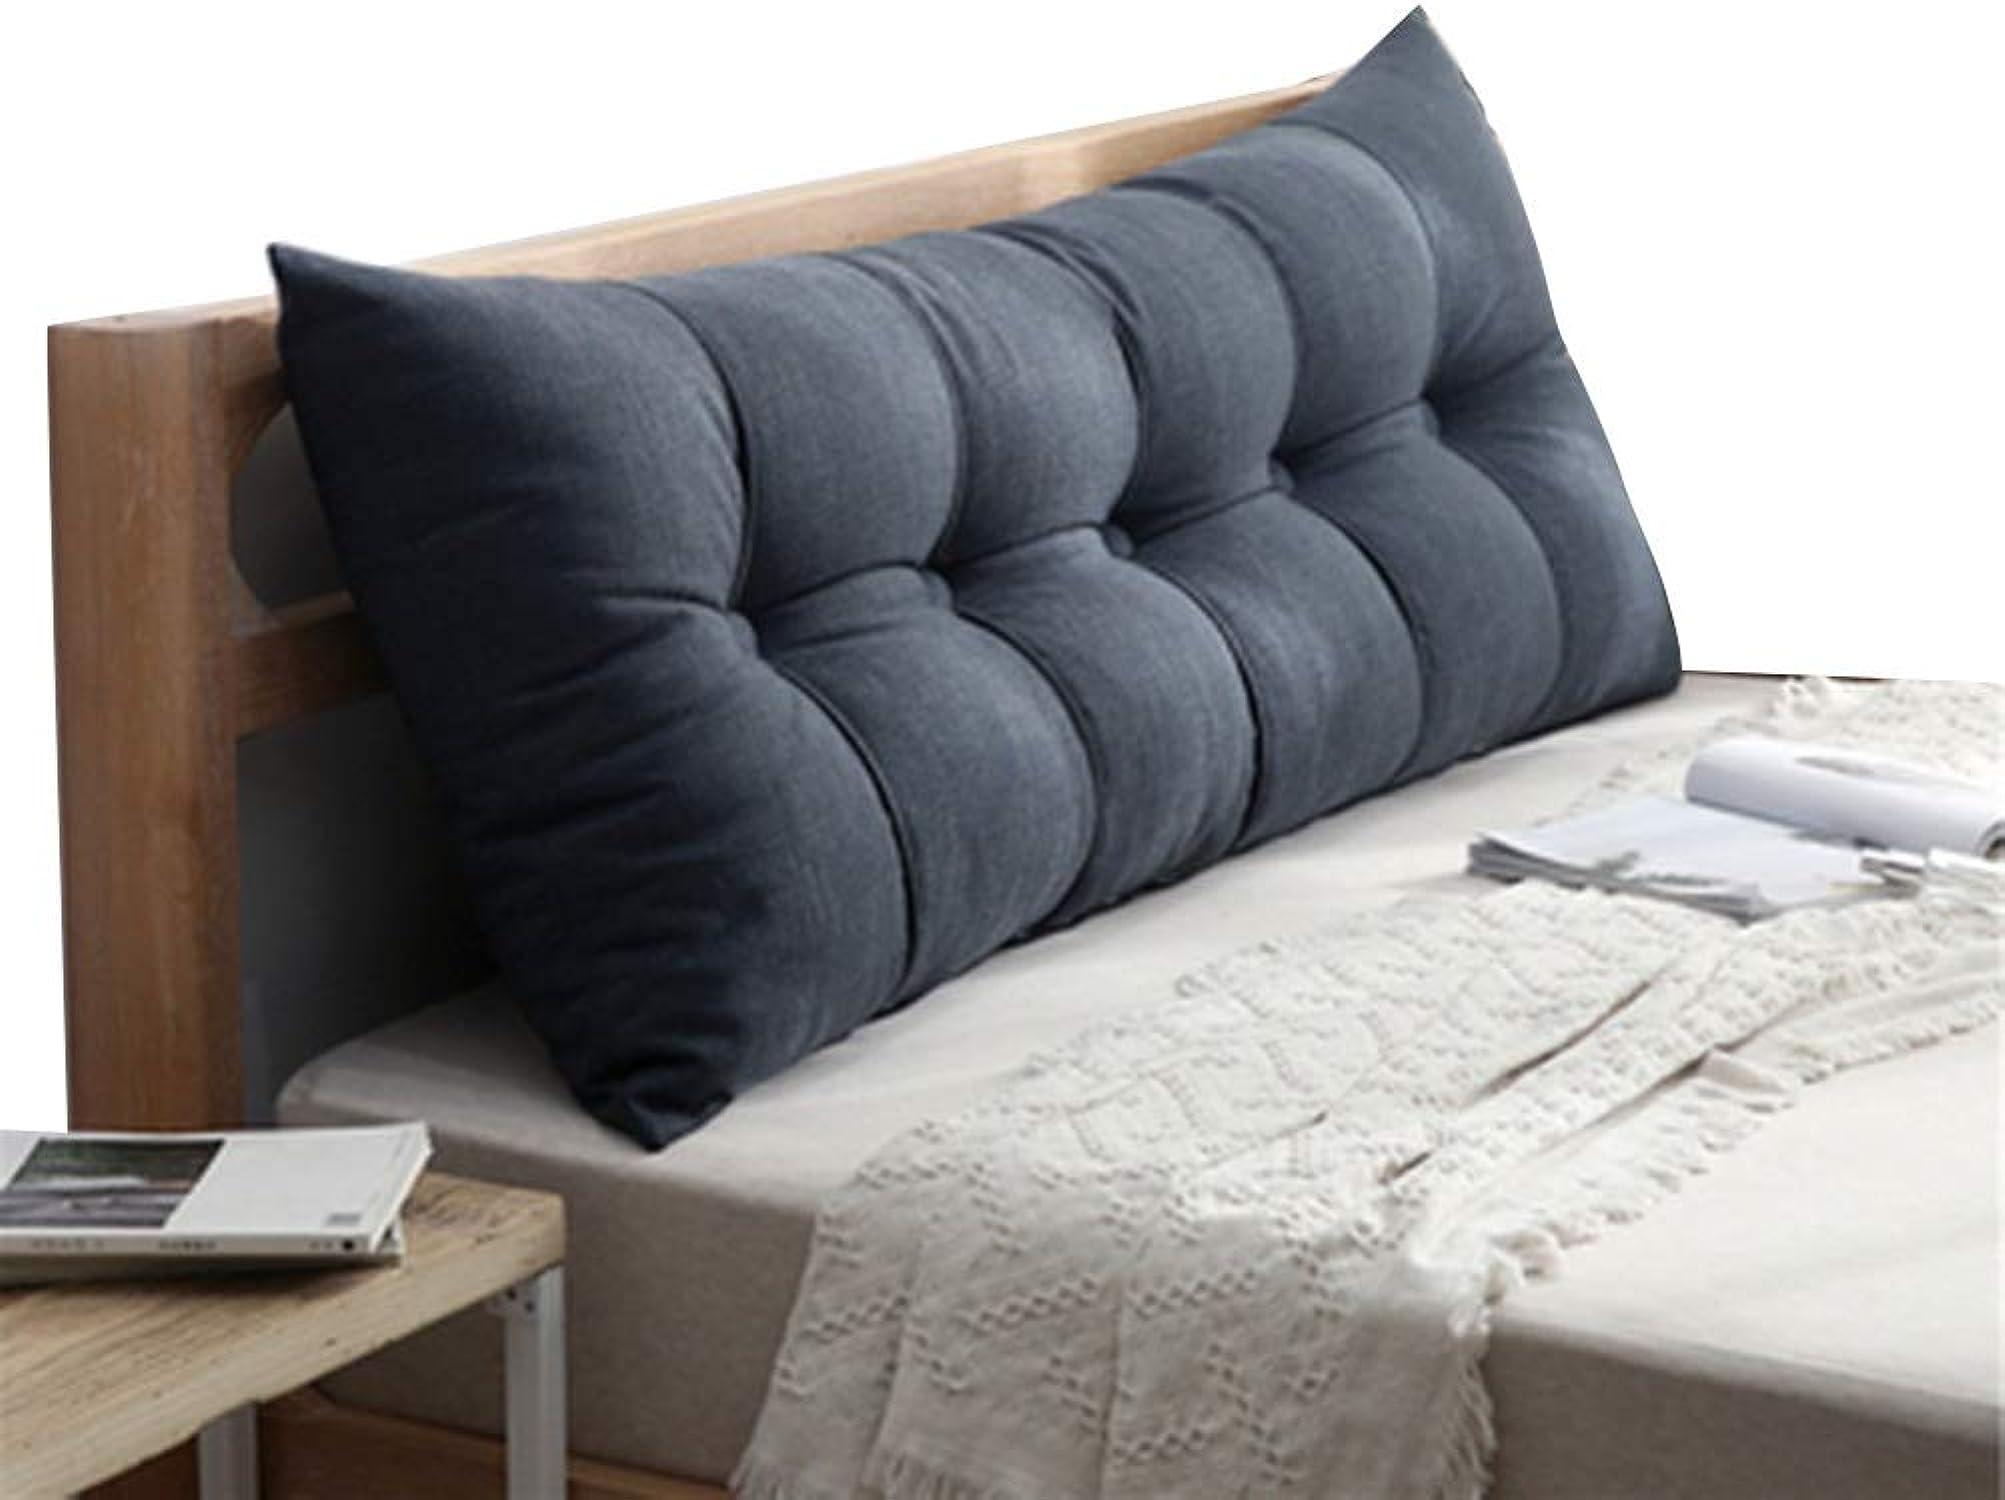 Coussin De Chevet Canapé Souple Coussin De Dossier Double Extra grand Respirant Confortable Coton Lavable Résistant à L'usure, 8 Couleurs, 7 Tailles (Couleur   Bleu, taille   100x60x20cm)